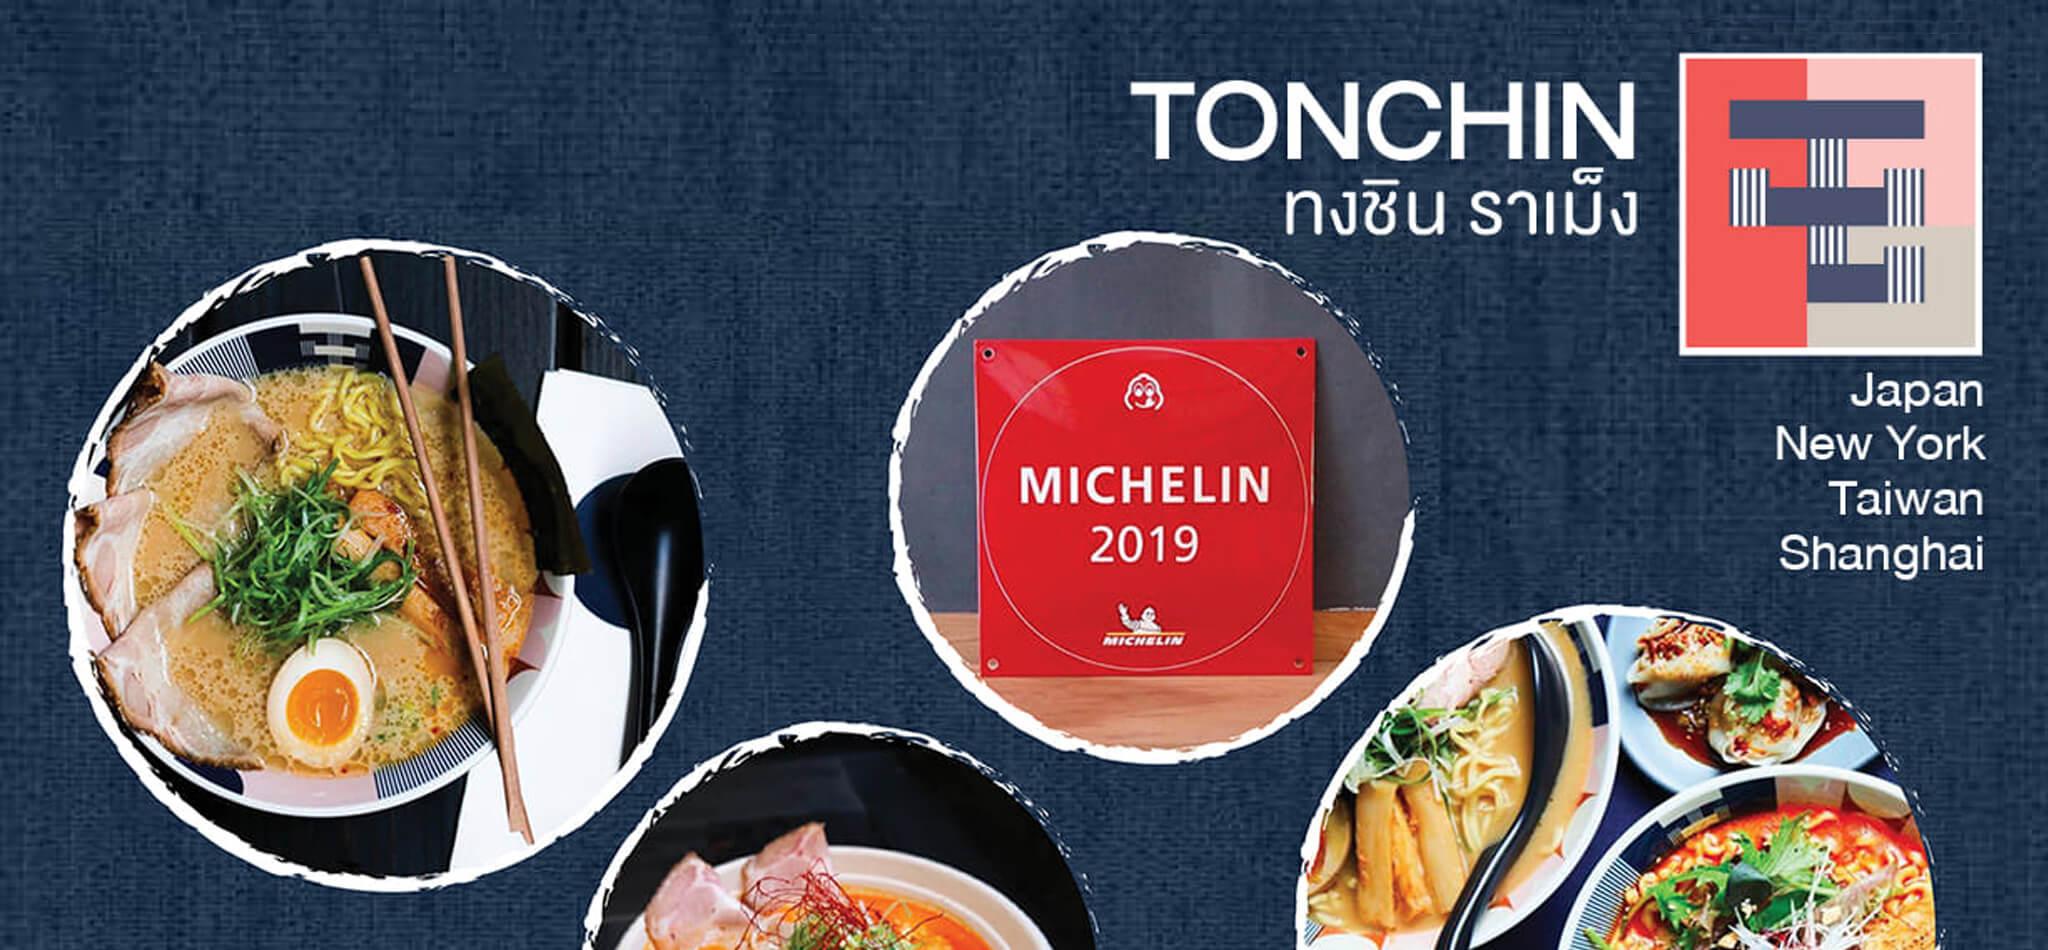 """""""Tonchin Ramen"""" ร้านราเมงเจ้าของรางวัล Michelin BIB Gourmand จาก New York"""